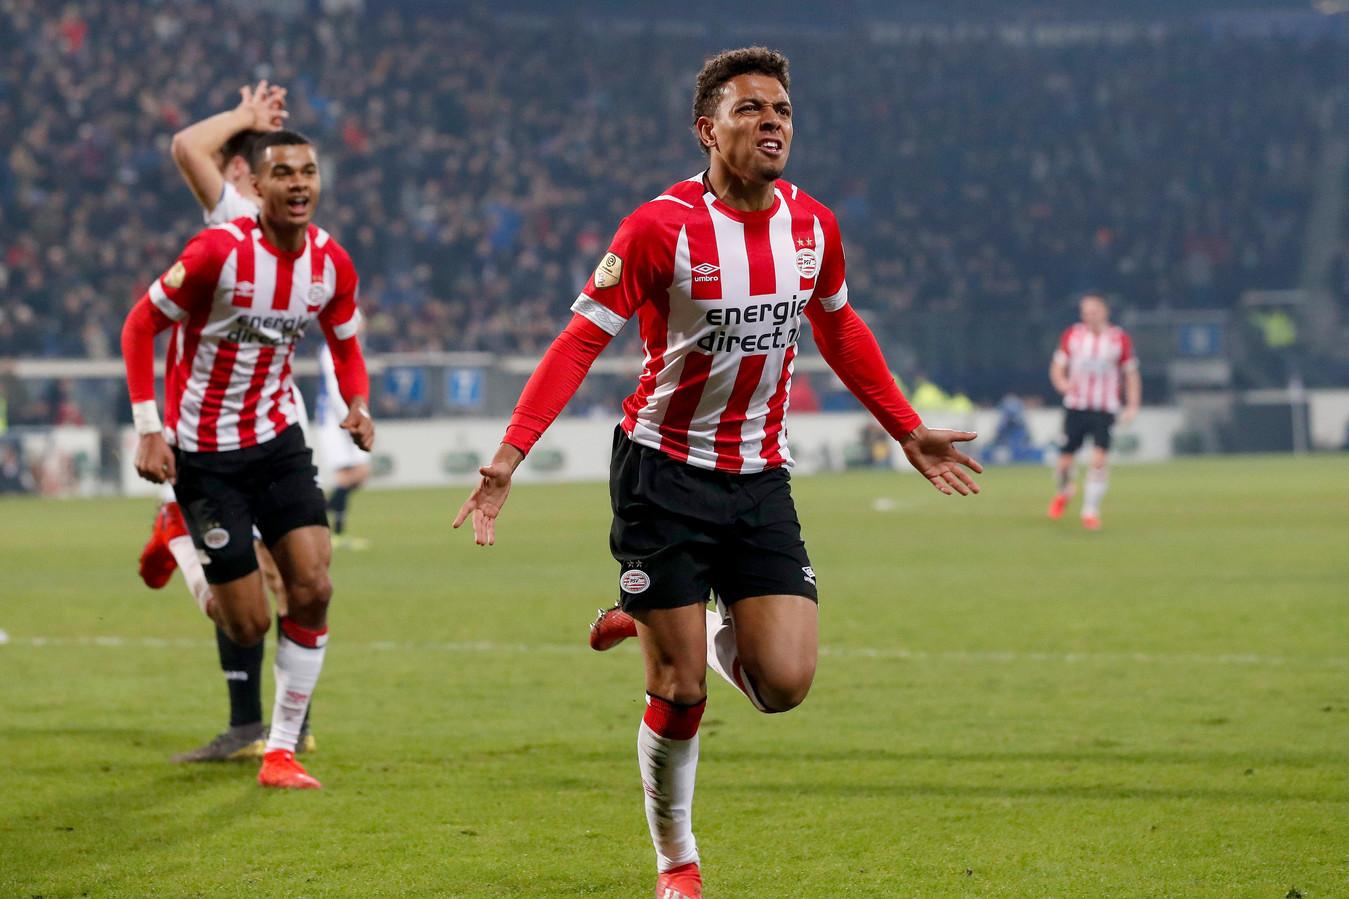 Donyell Malen viert de 2-2 tegen Heerenveen in de 95ste minuut.